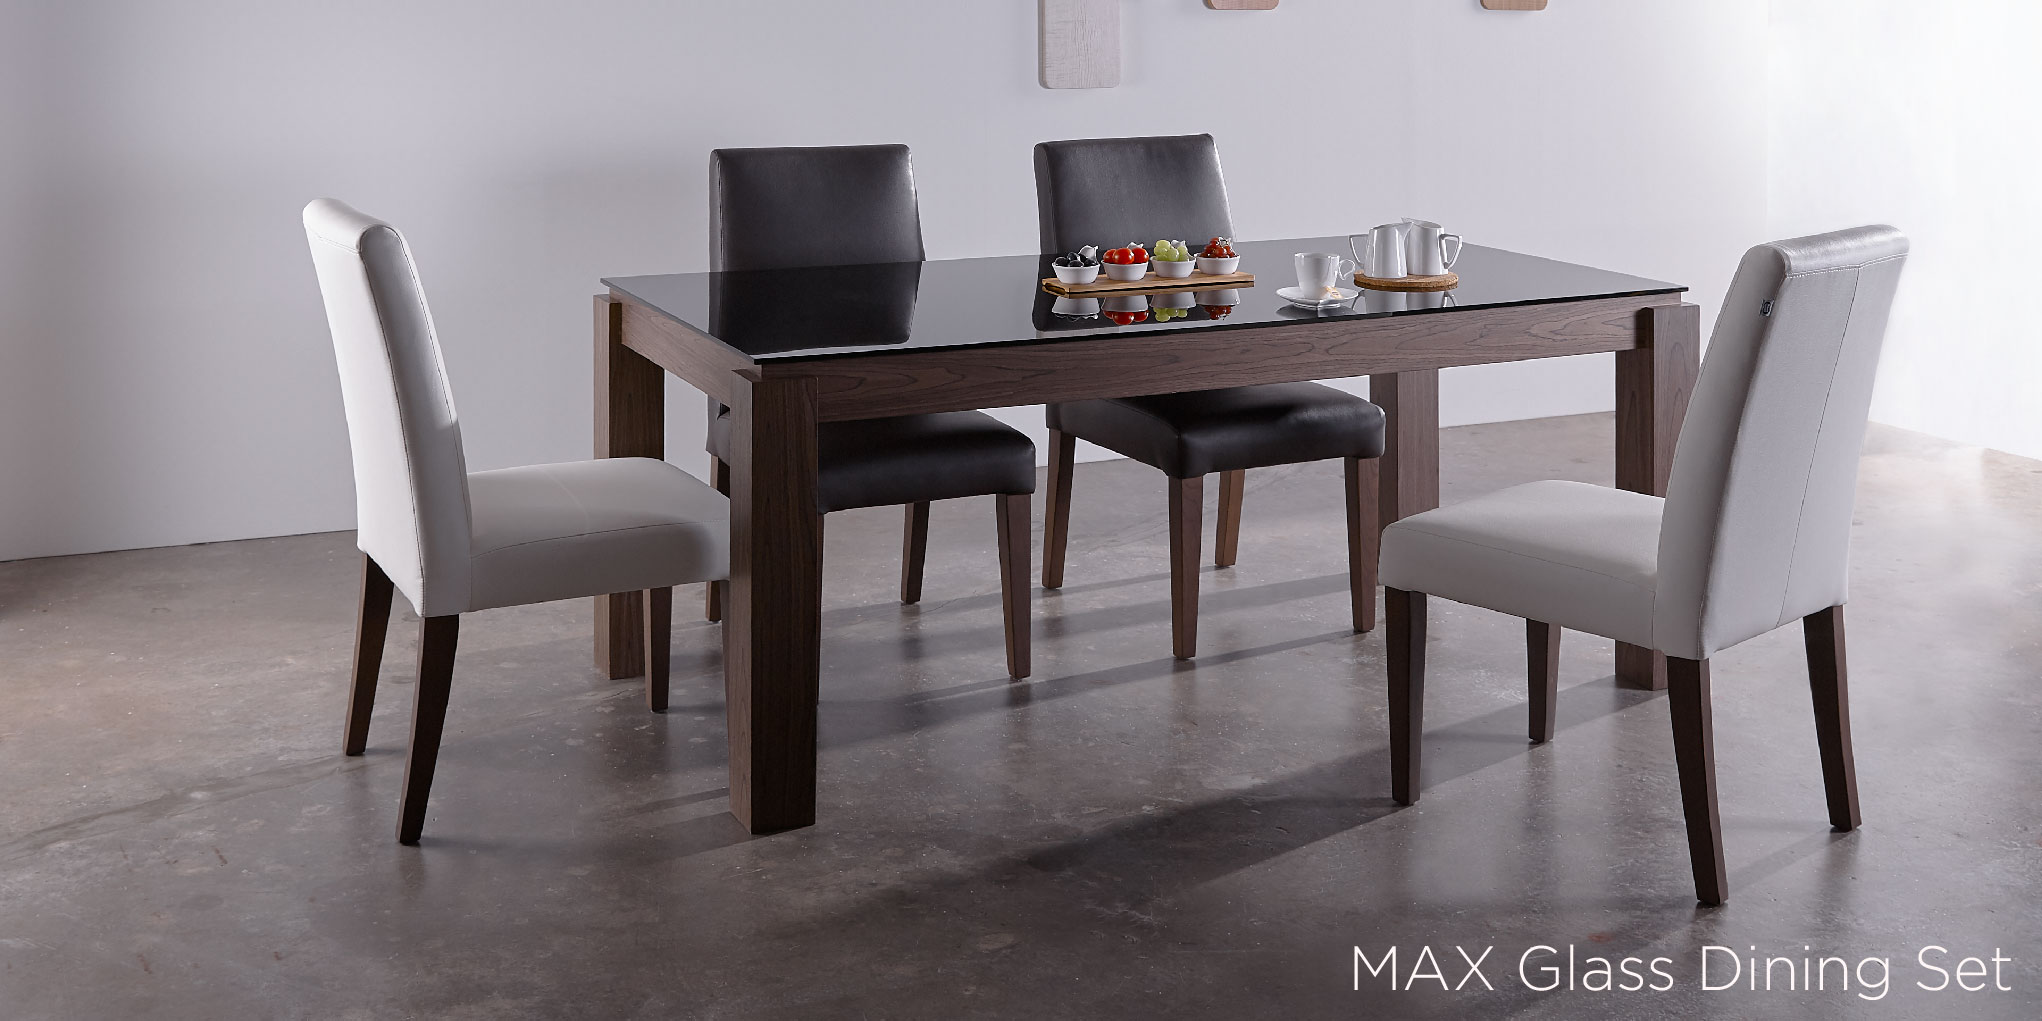 Max glass 01 01